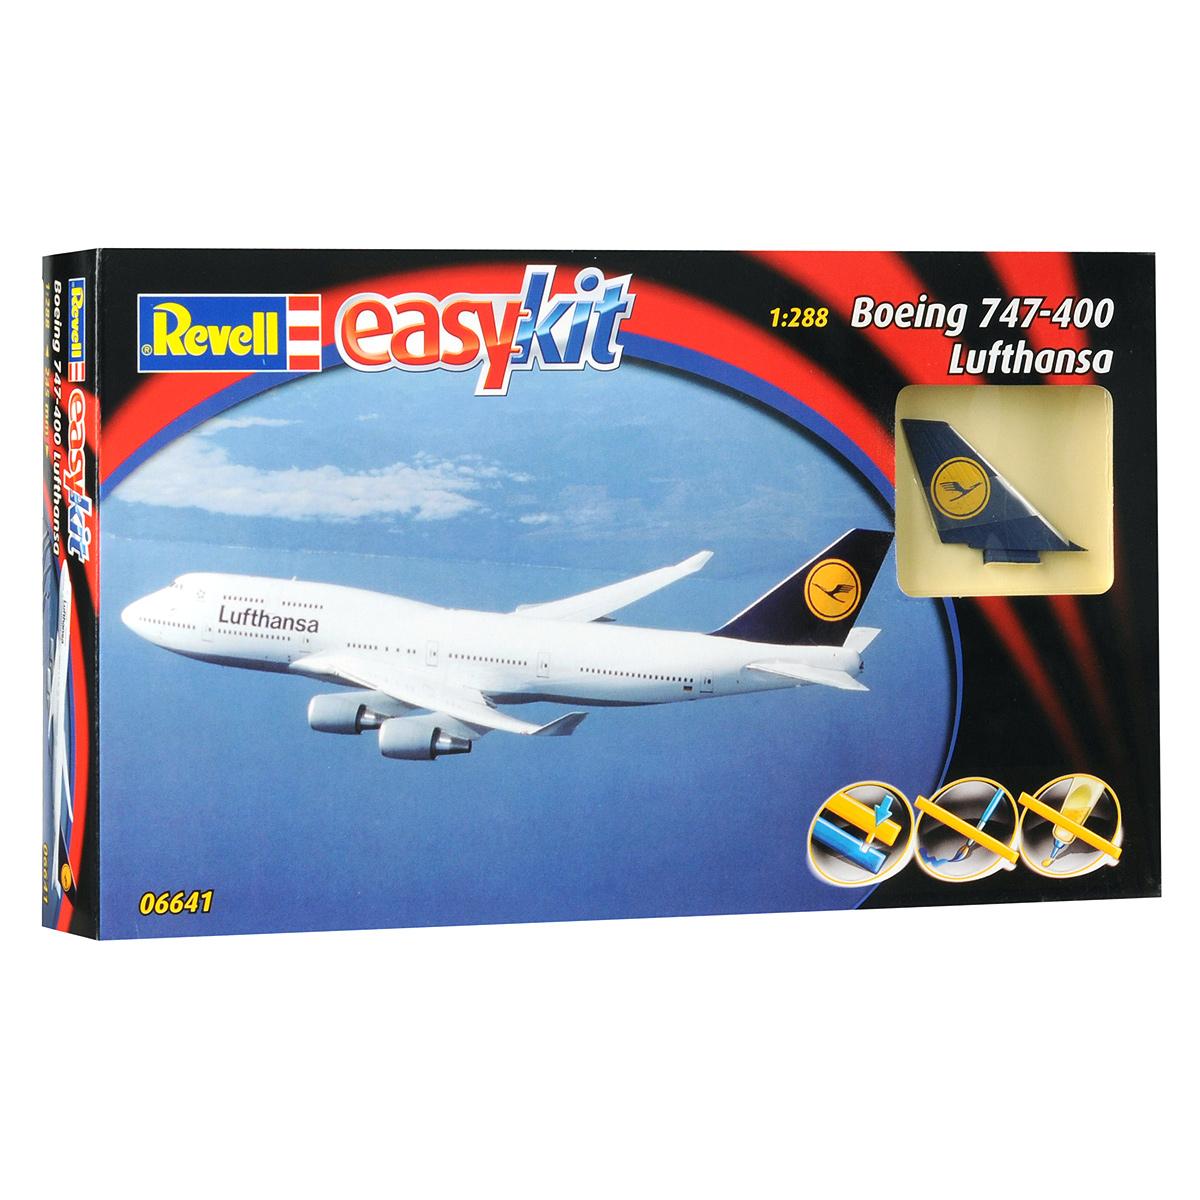 Сборная модель Revell Самолет Boeing 747-400 Lufthansa сборная модель пассажирского самолета revell boeing 747 8